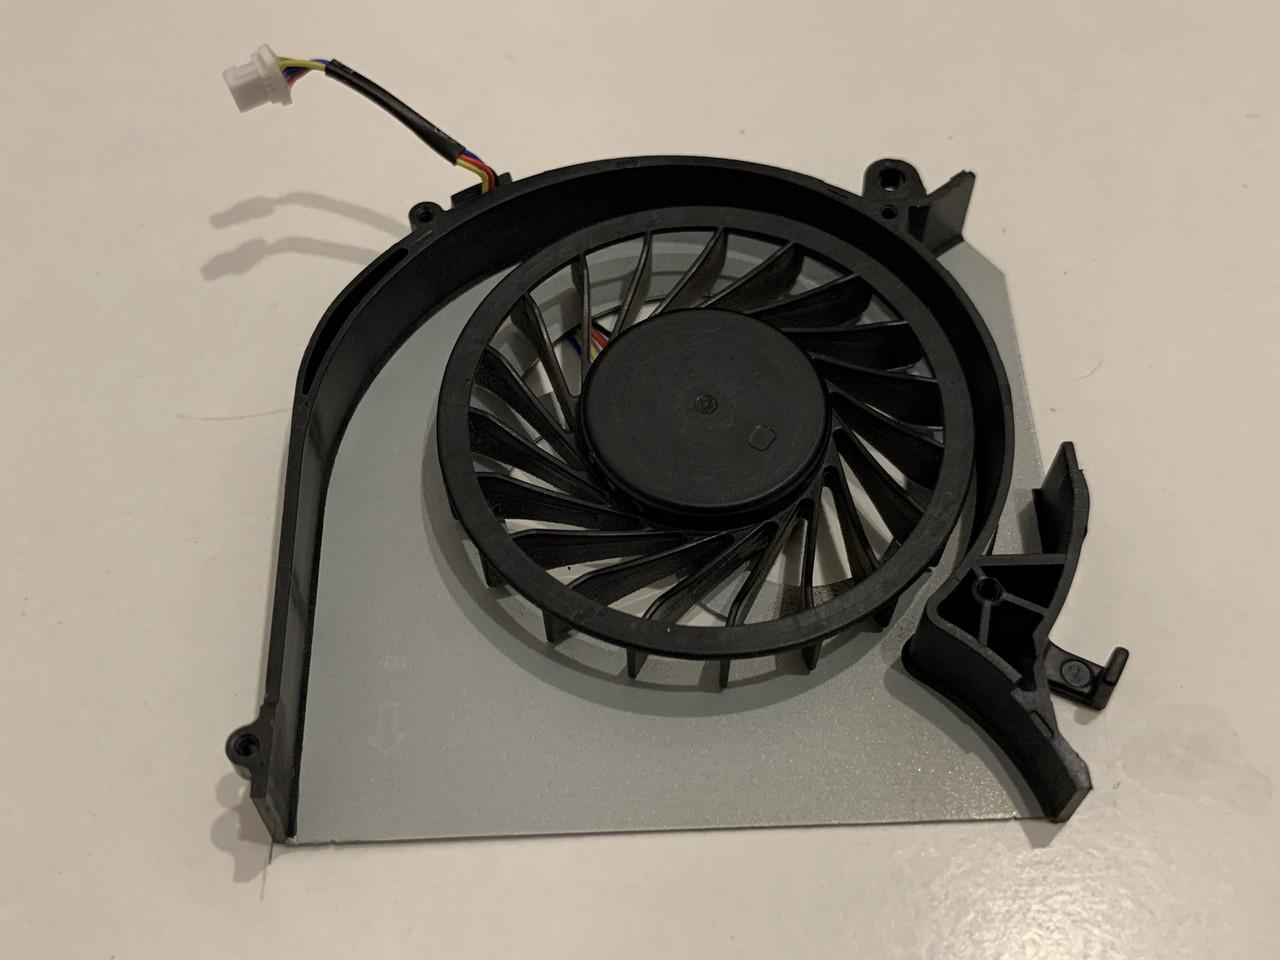 Запчасти для ноутбука HP ENVY dv6 7352sr | Вентилятор охлаждения dfs481305mc0t